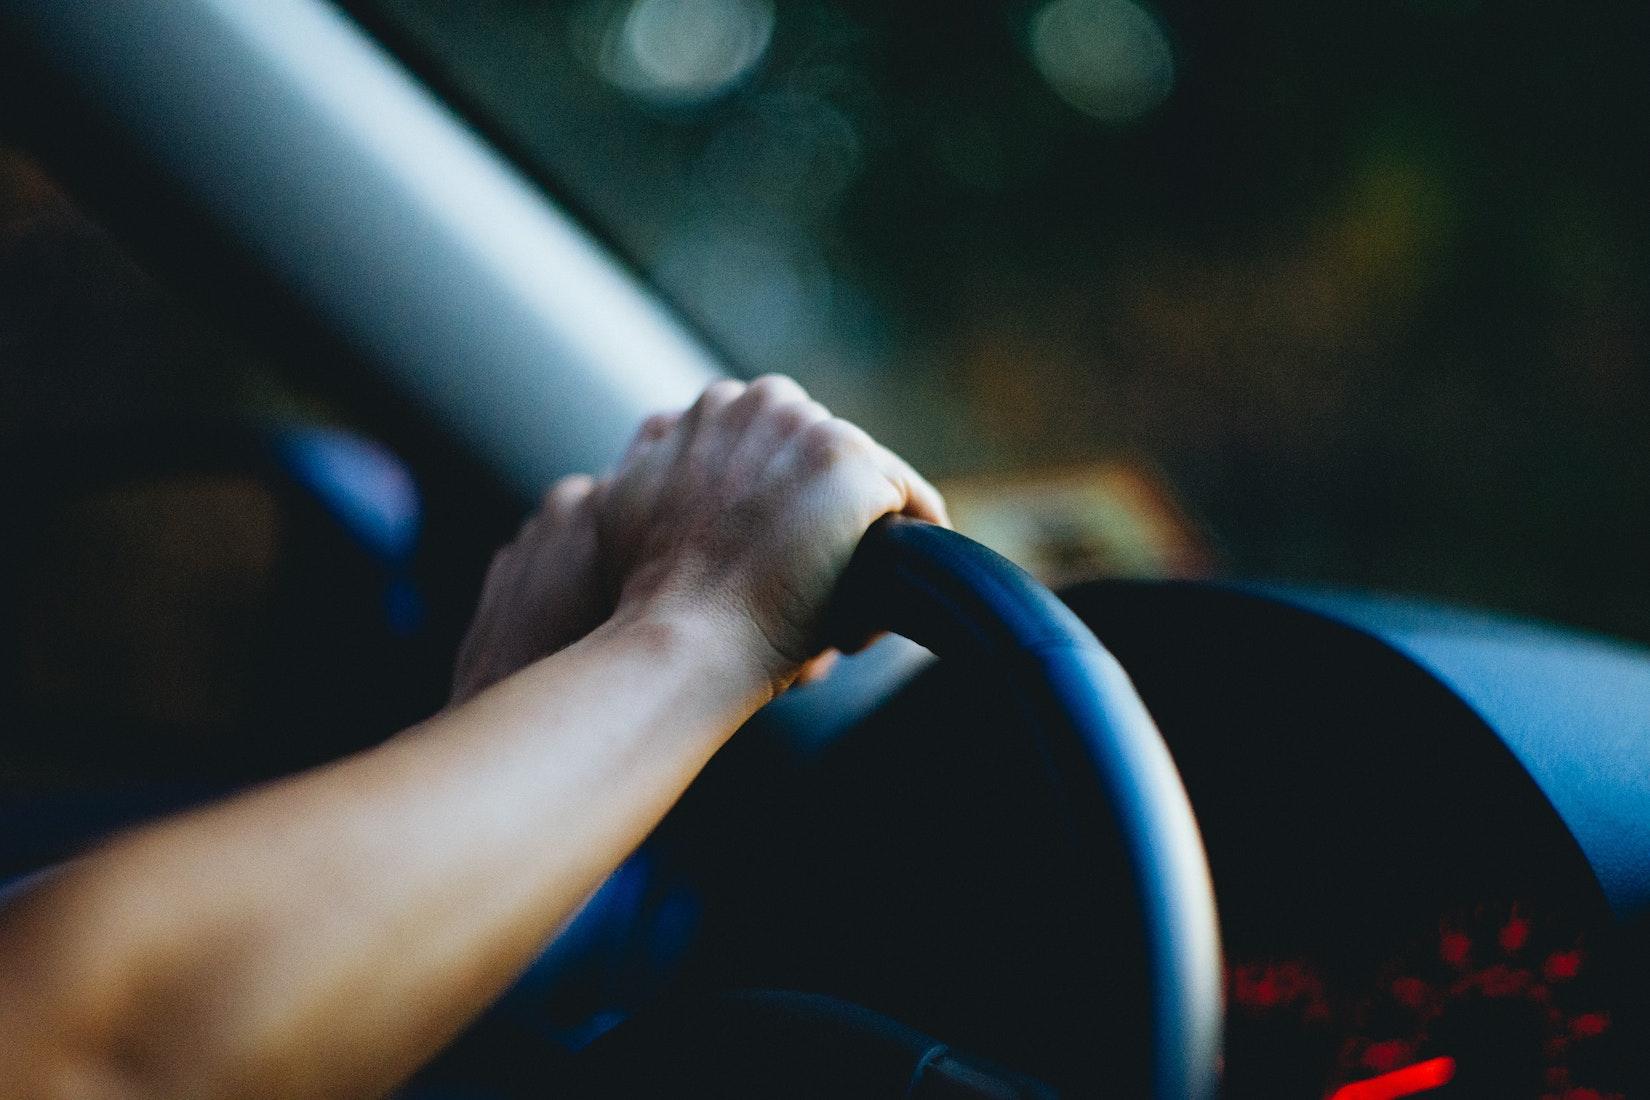 Becca driving at night